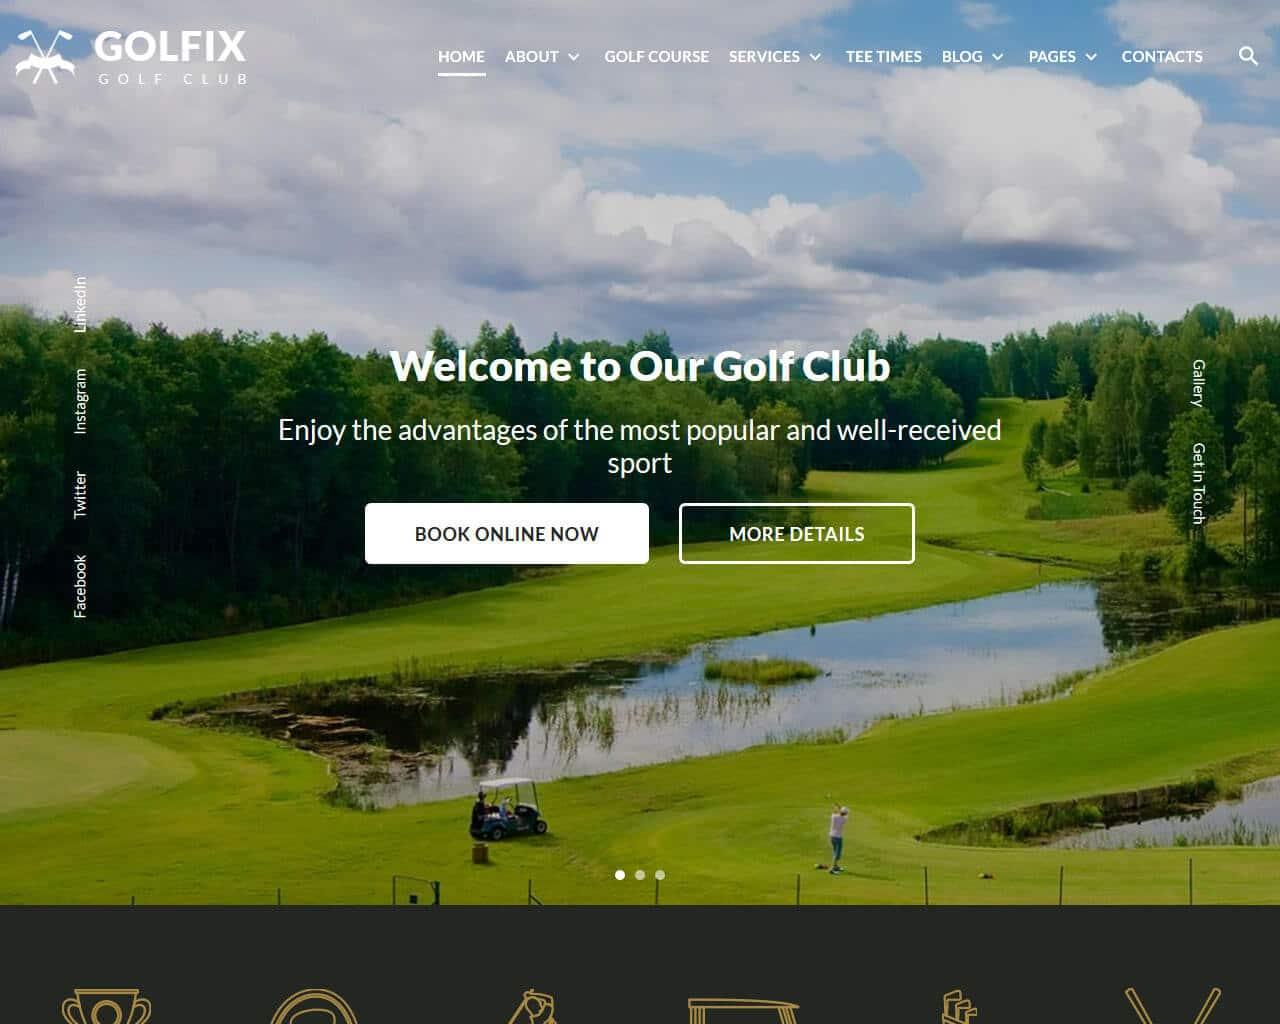 Golfix Website Template